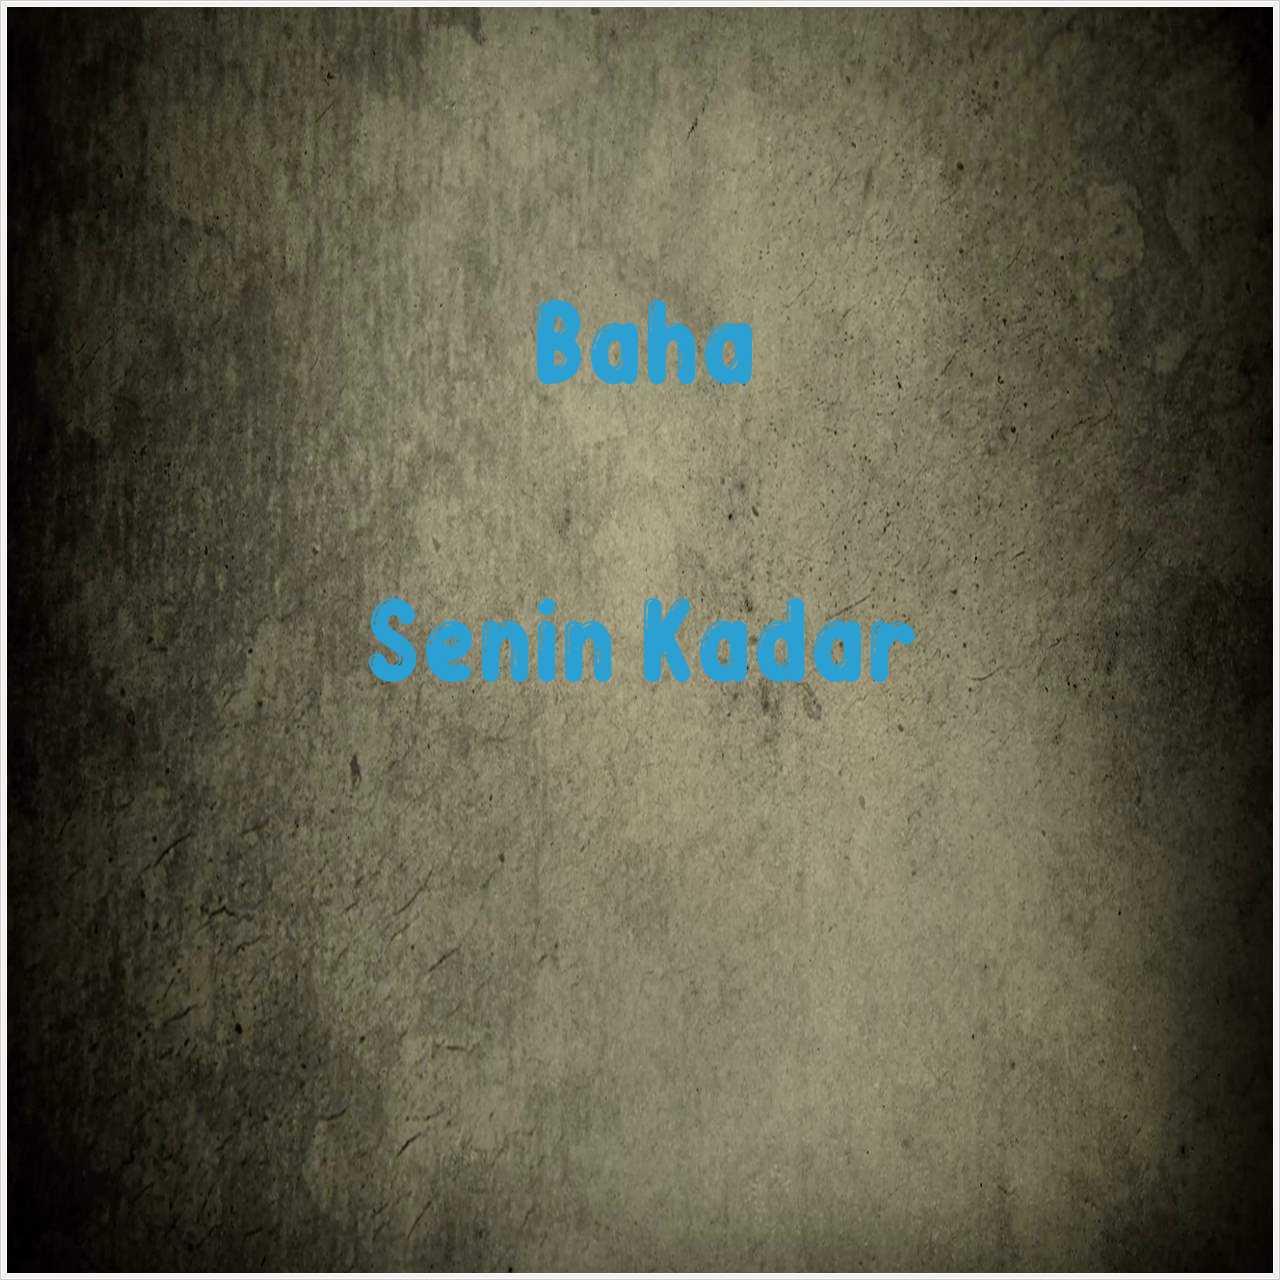 دانلود آهنگ جدید Baha به نام Senin Kadar